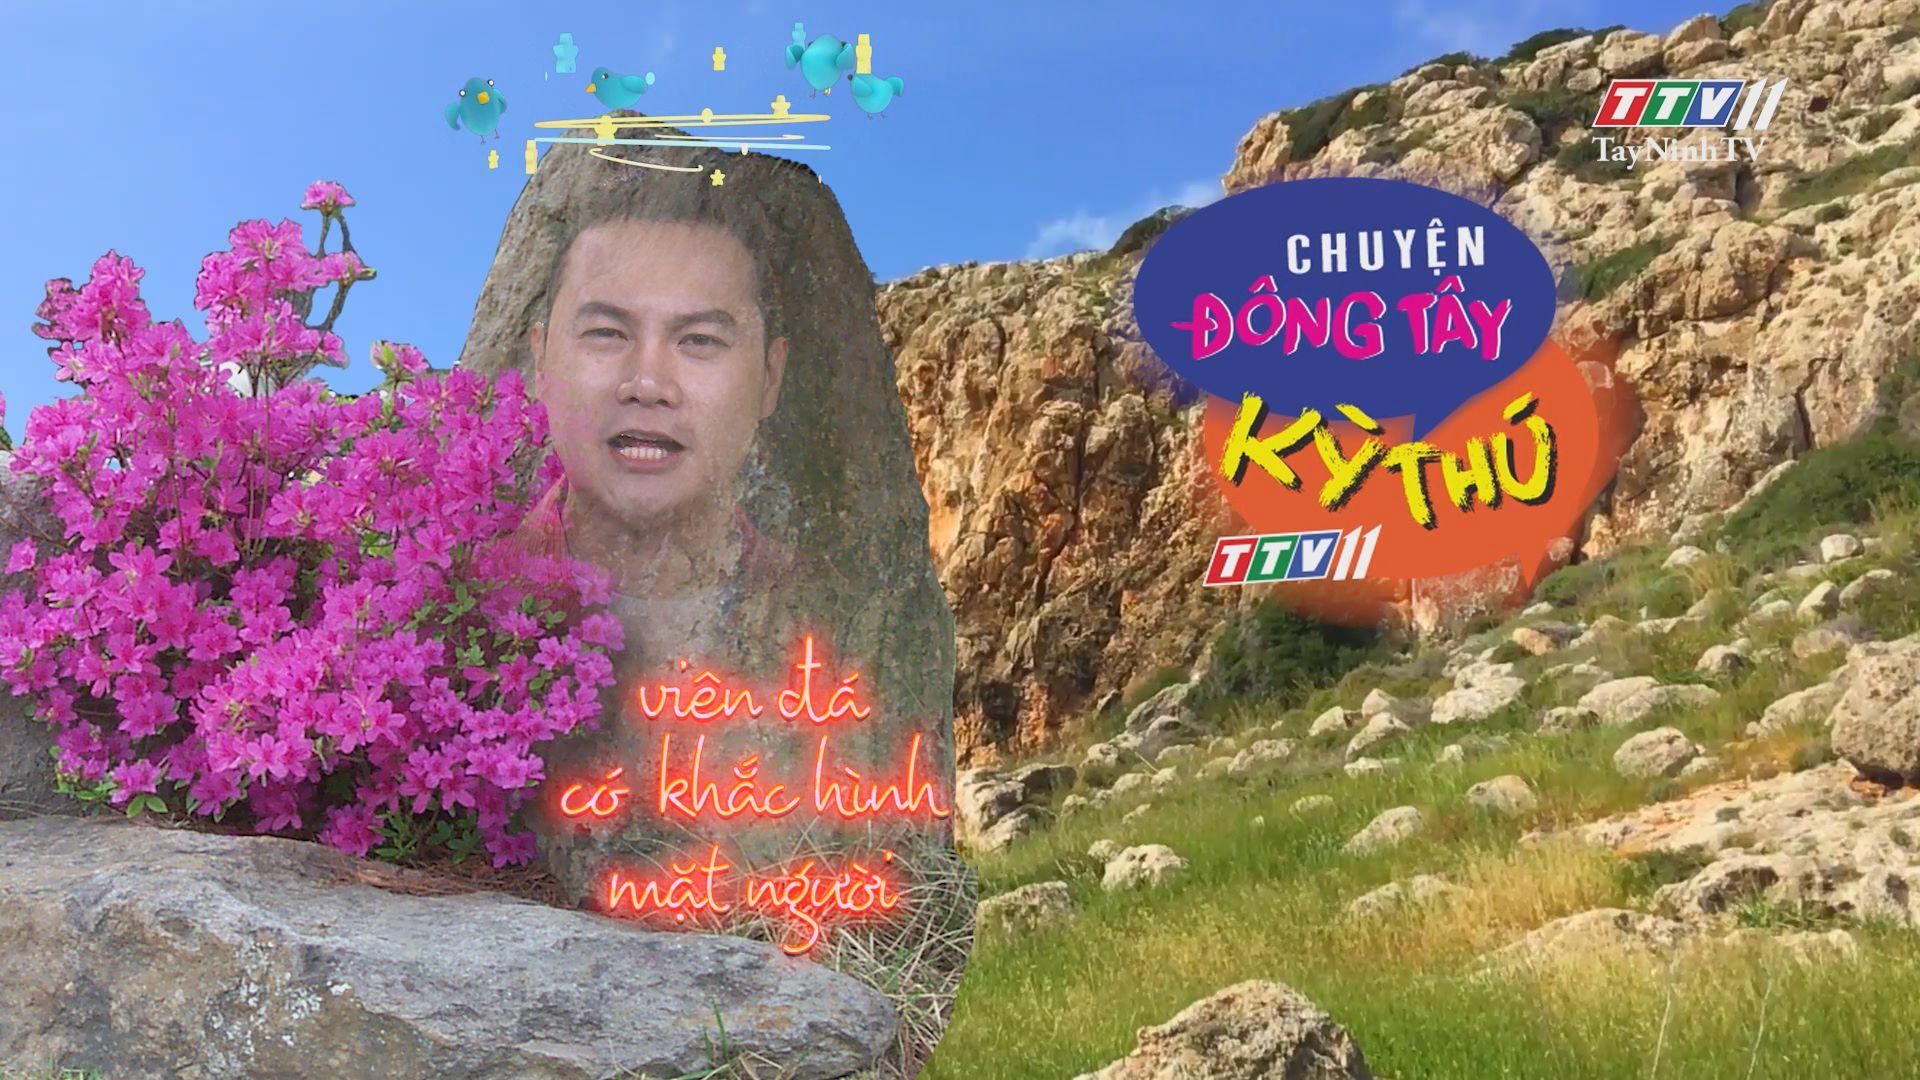 Chuyện Đông Tây Kỳ Thú 07-5-2020 | TayNinhTV